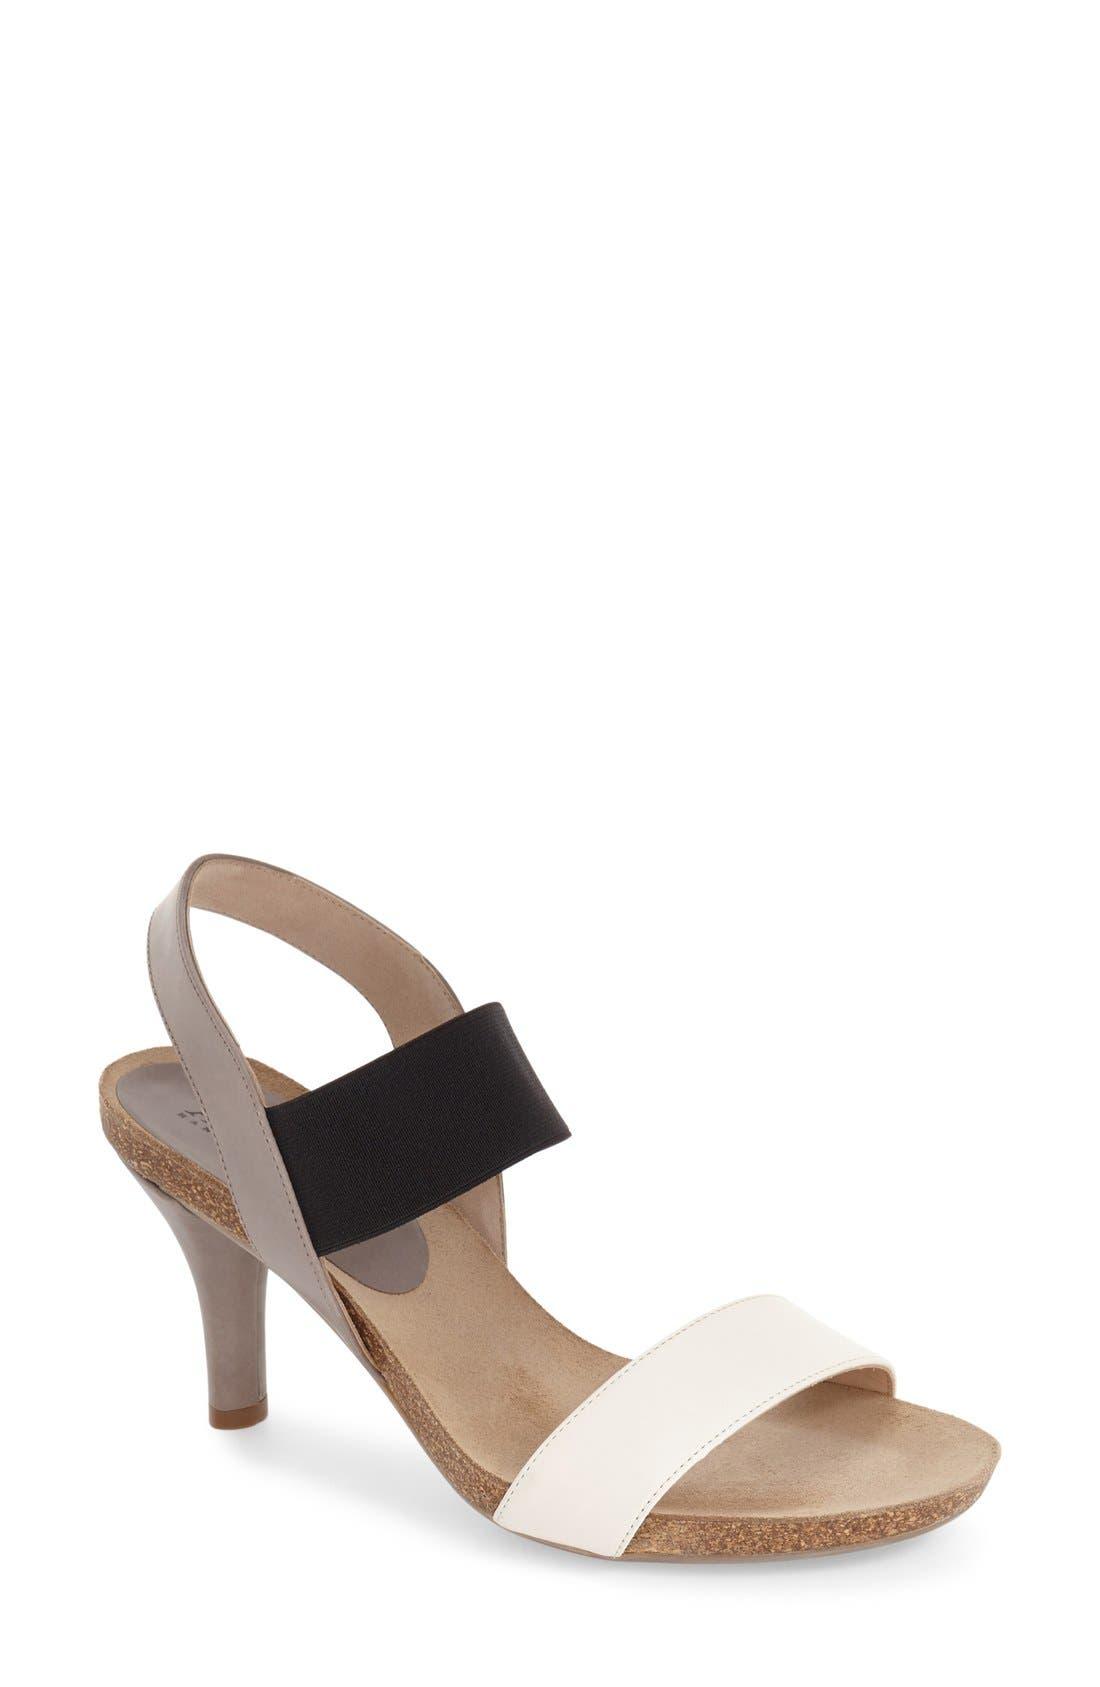 Anyi Lu Womens Bianka Dress Sandal